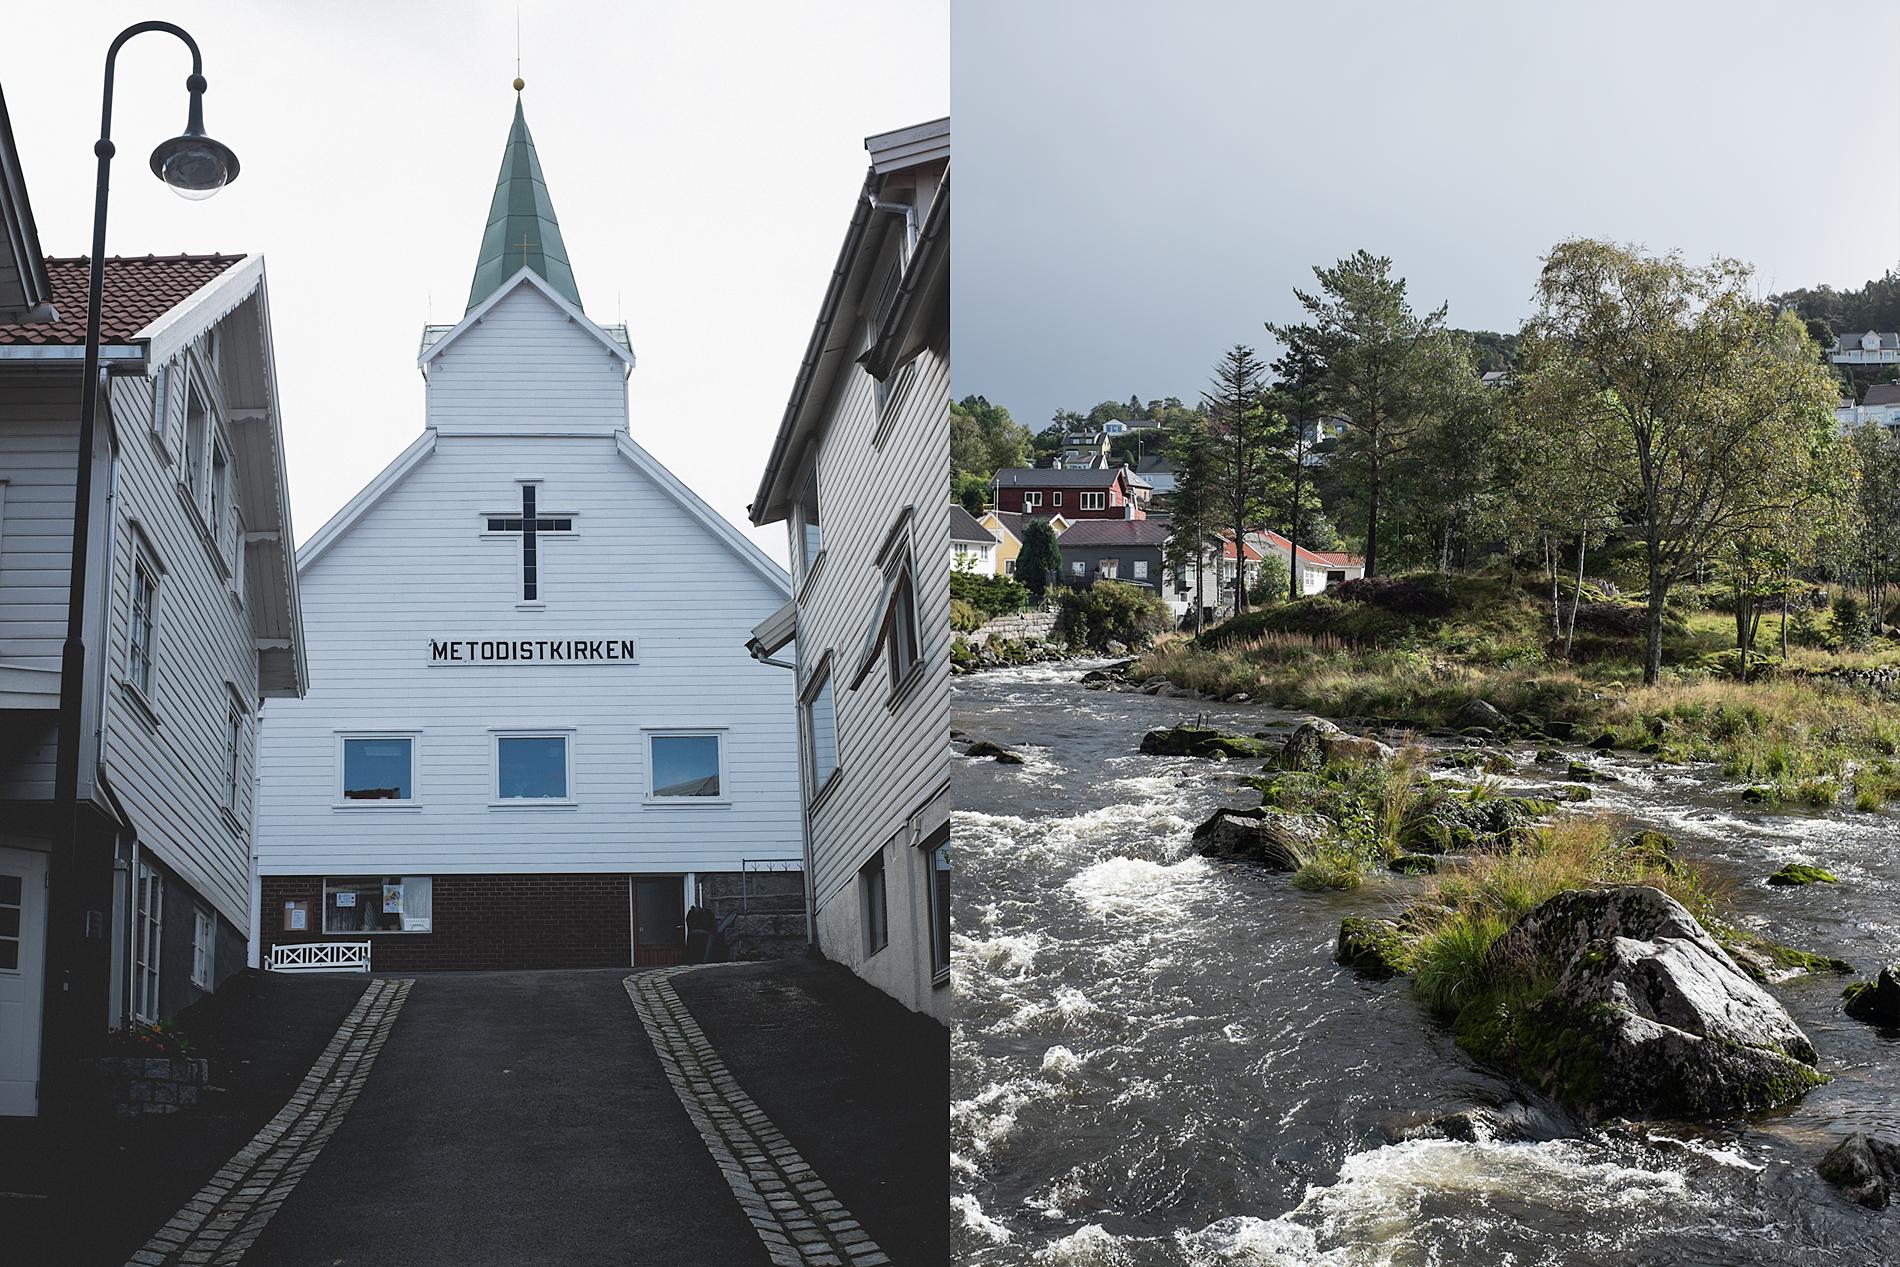 Day 259 – Monday September 16 – Egersund